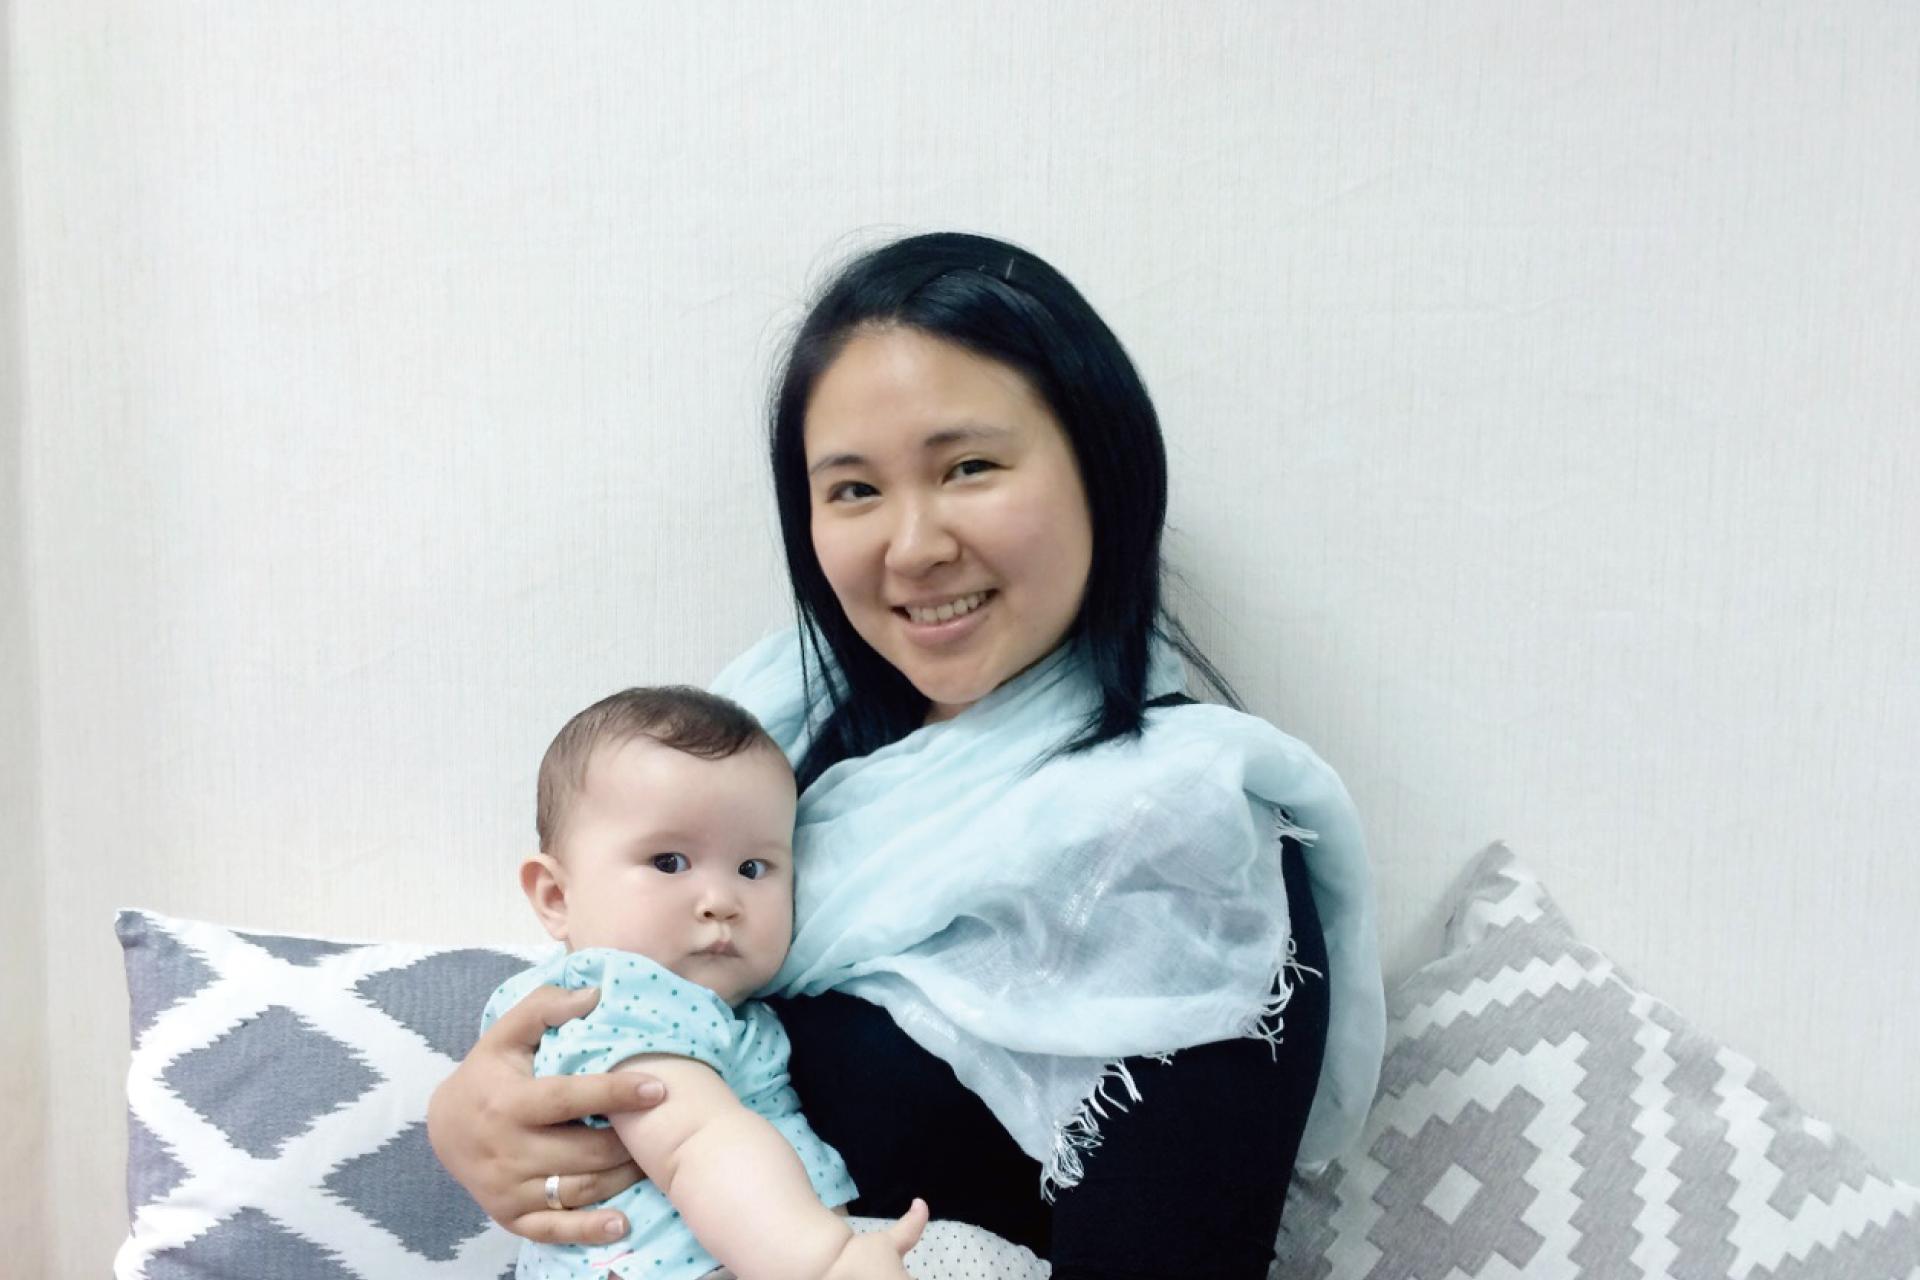 談判的技巧:職場媽媽向公司爭取彈性工作時間